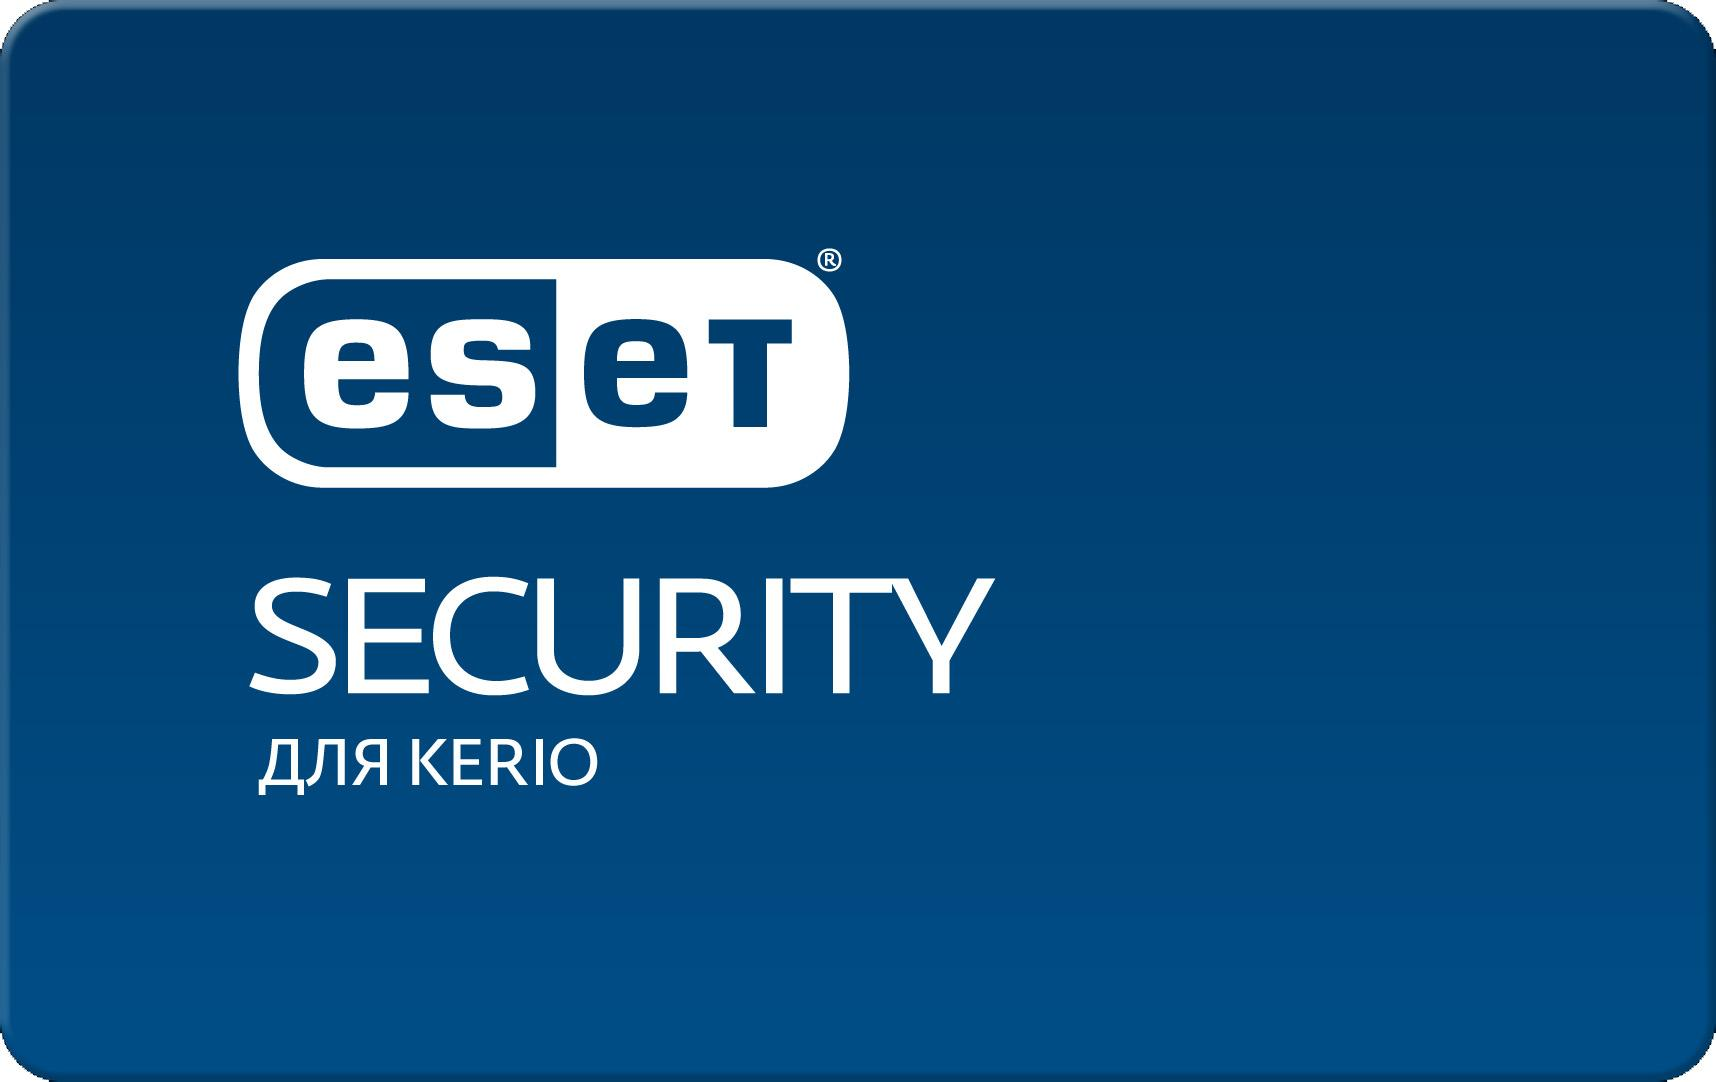 Защита почтовых серверов и интернет-шлюзов Eset Security для Kerio  для 159 пользователей